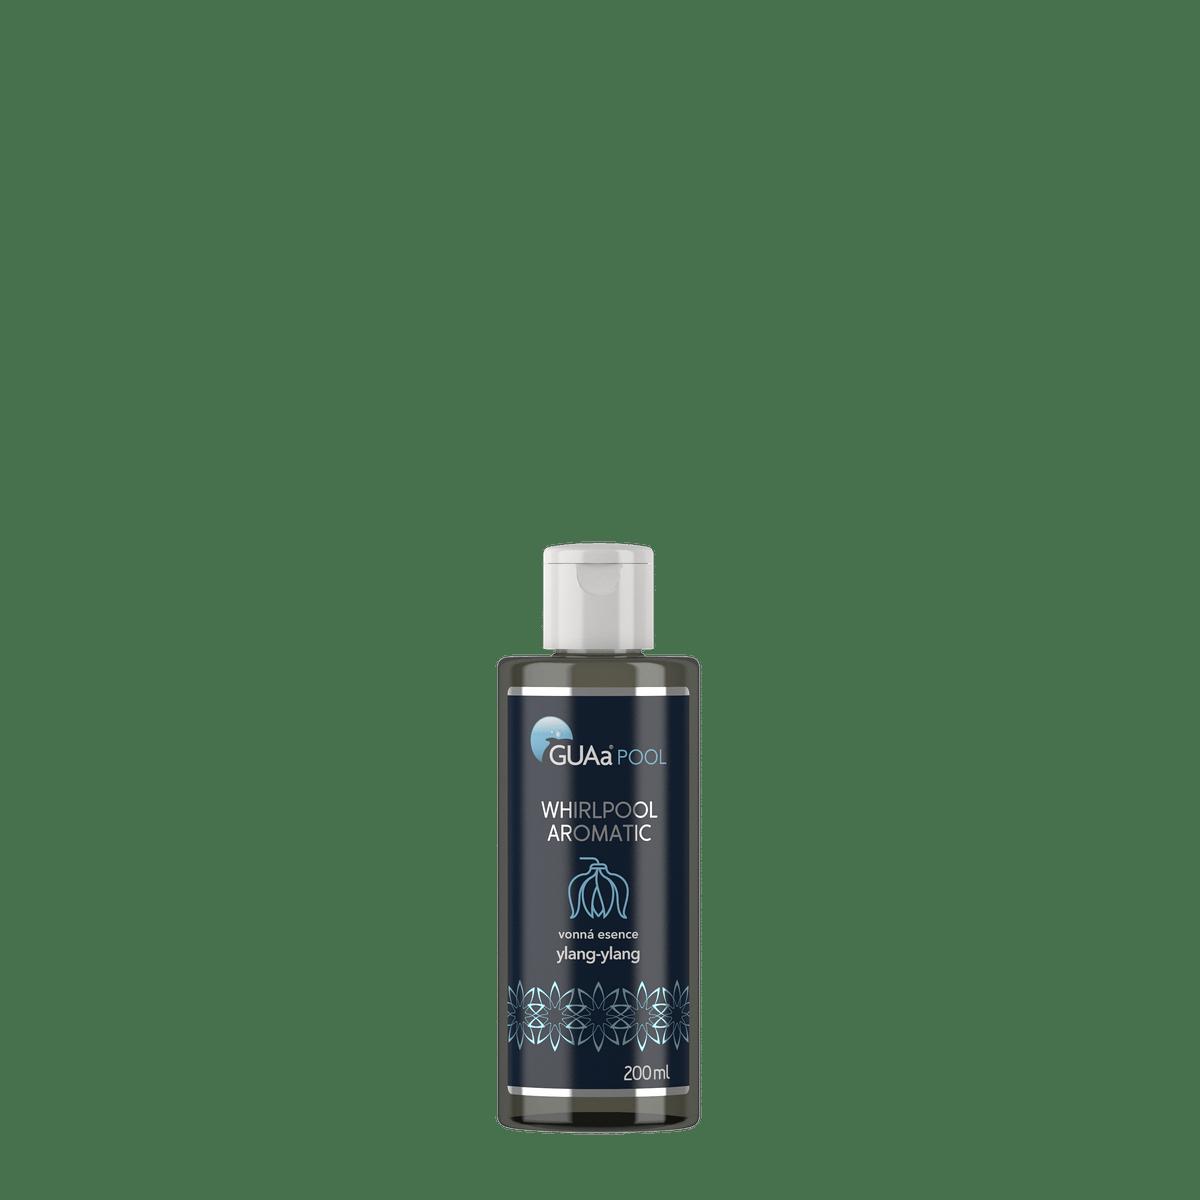 GUAa POOL WHIRLPOOL AROMATIC - Ylang-Ylang - vonná esence pro vířivé a masážní vany